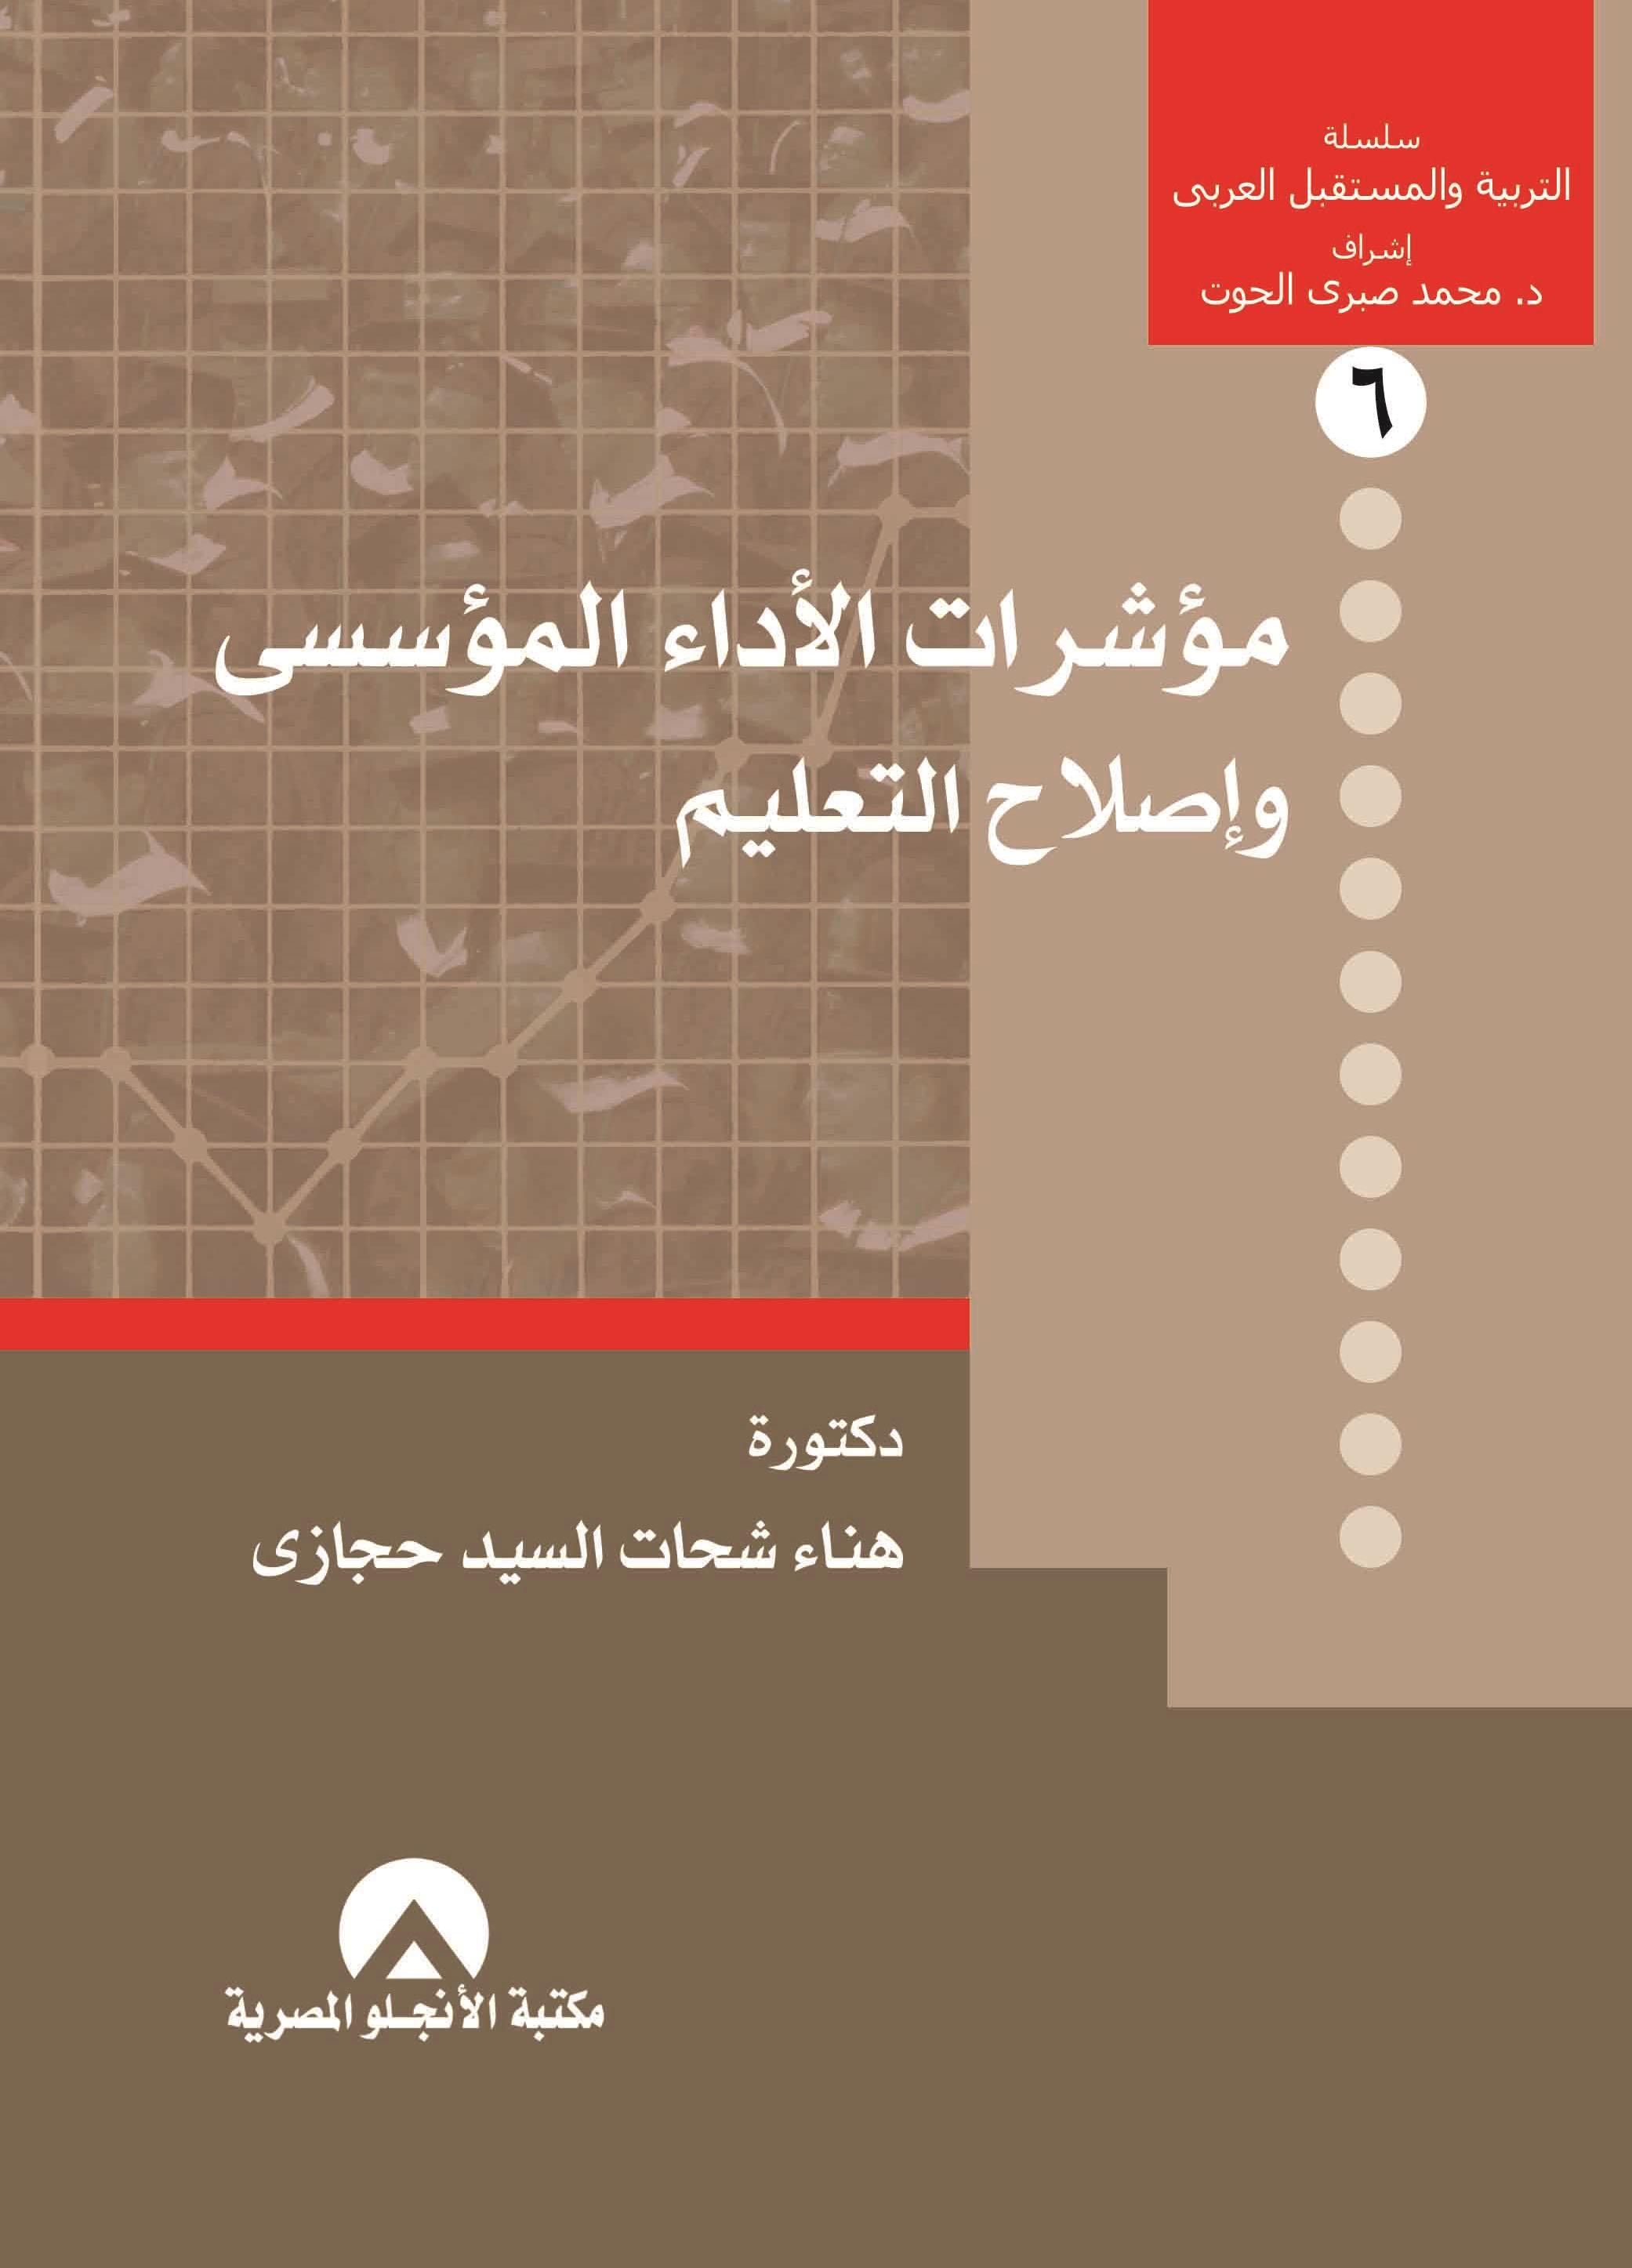 مؤشرات الأداء المؤسسي وإصلاح التعليم